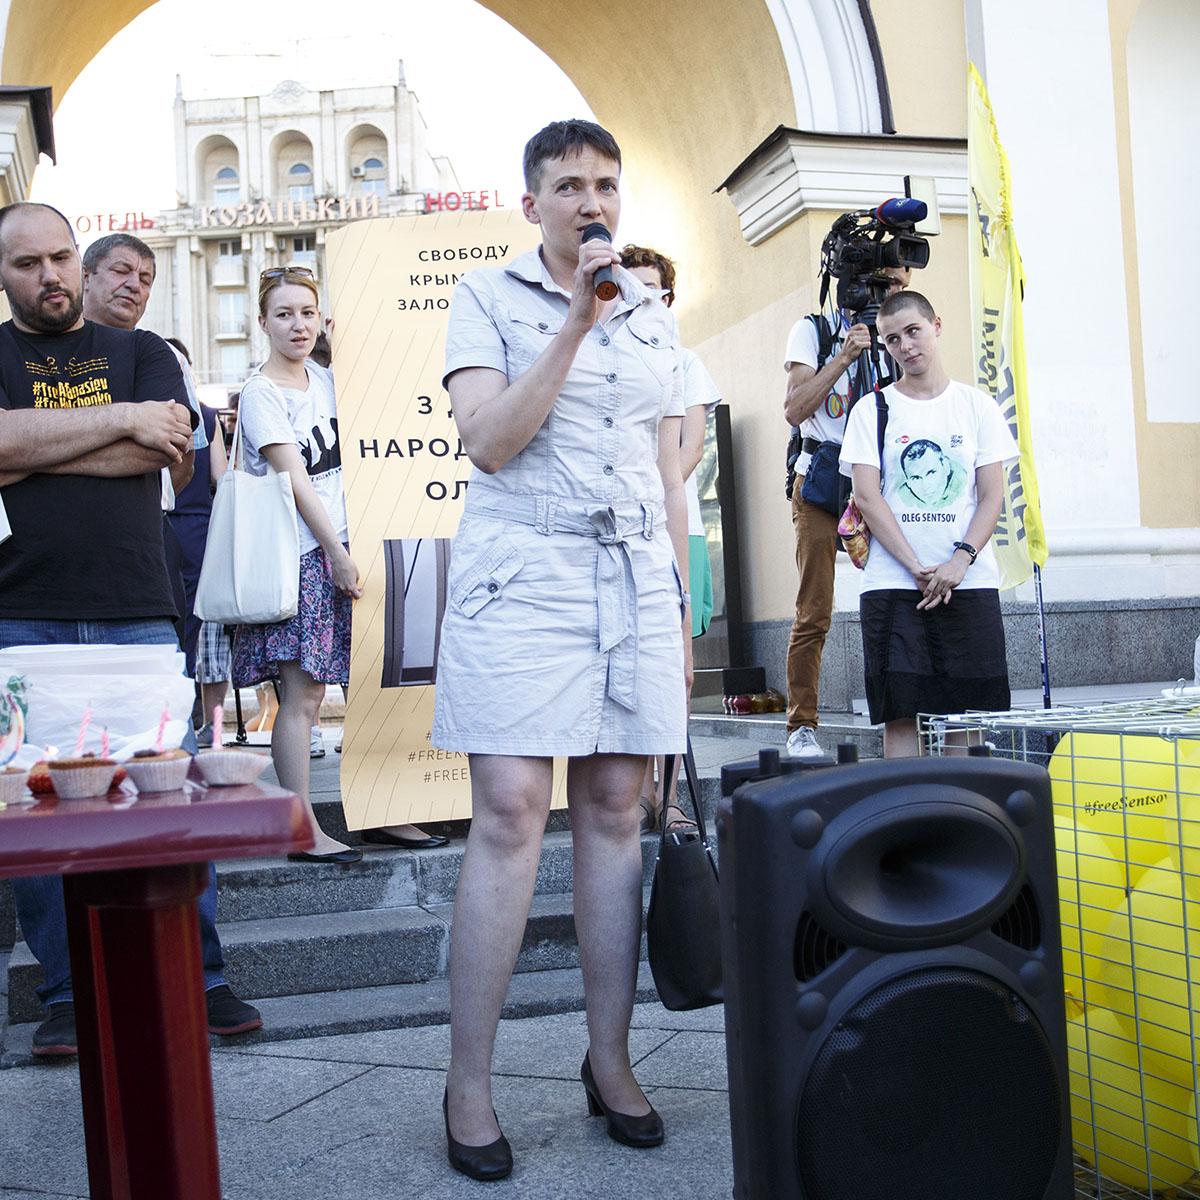 На даний момент нардеп Савченко перебуває в Іспанії, - Генпрокуратура - Цензор.НЕТ 9380